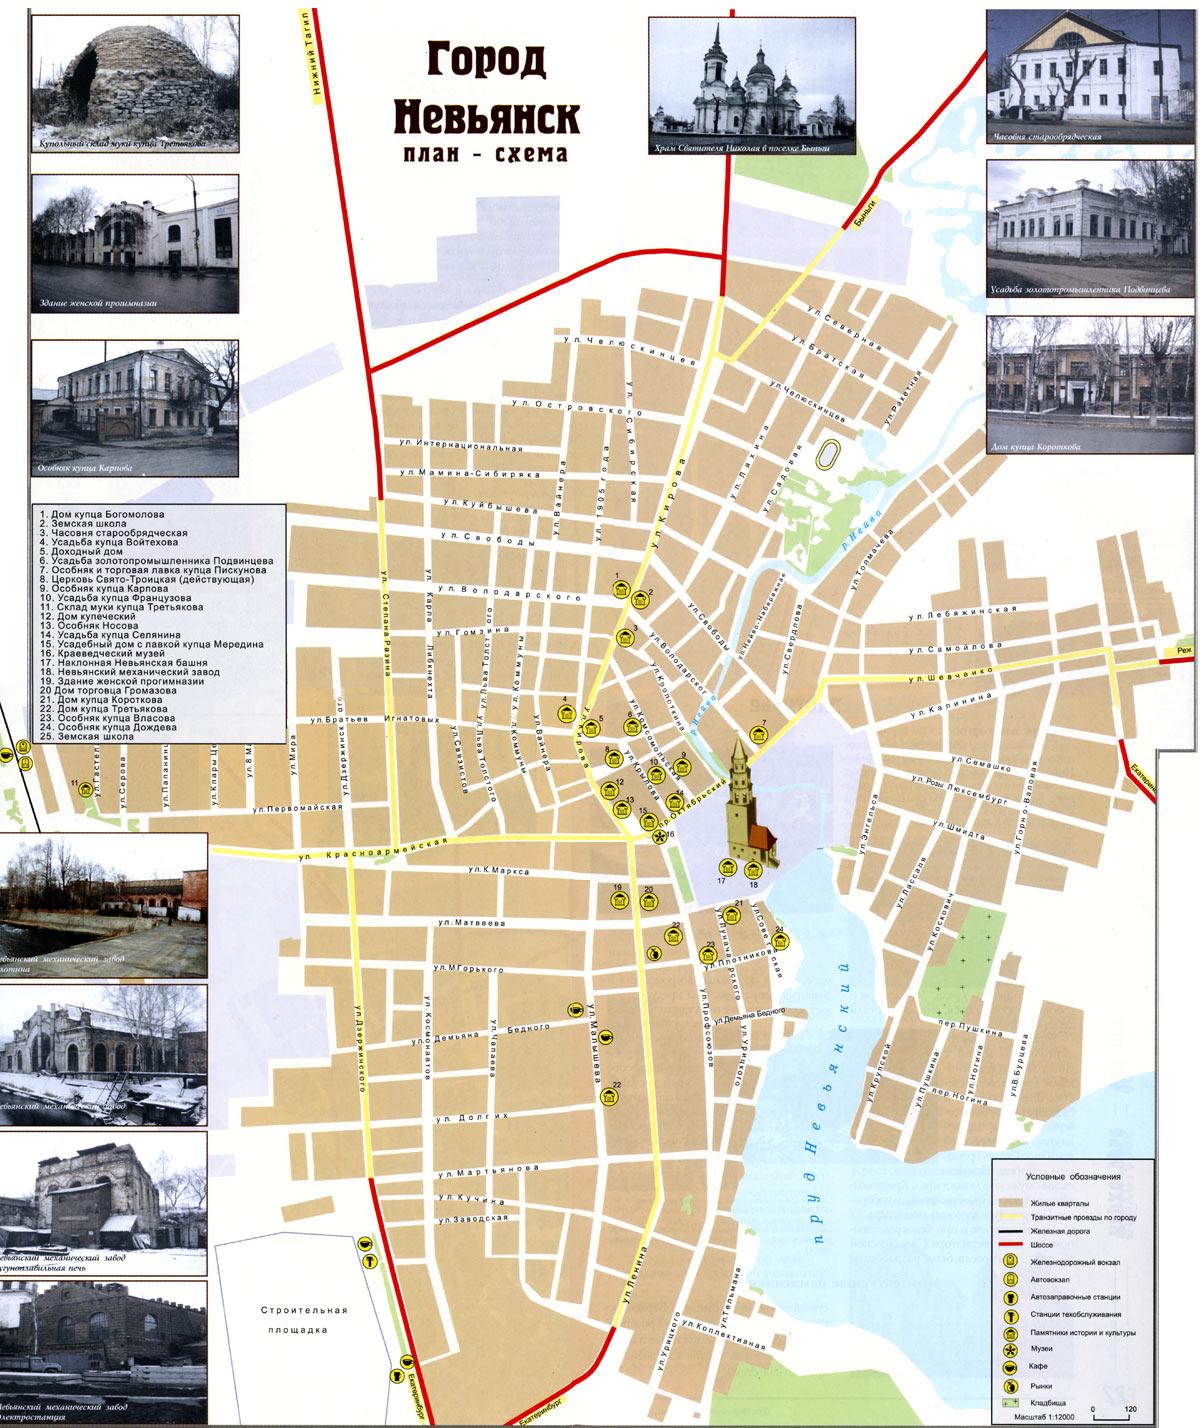 Карта Невьянска, подробная карта Невьянска, POI, Страница геоинформационного поиска,поиск организаций, Невьянск...